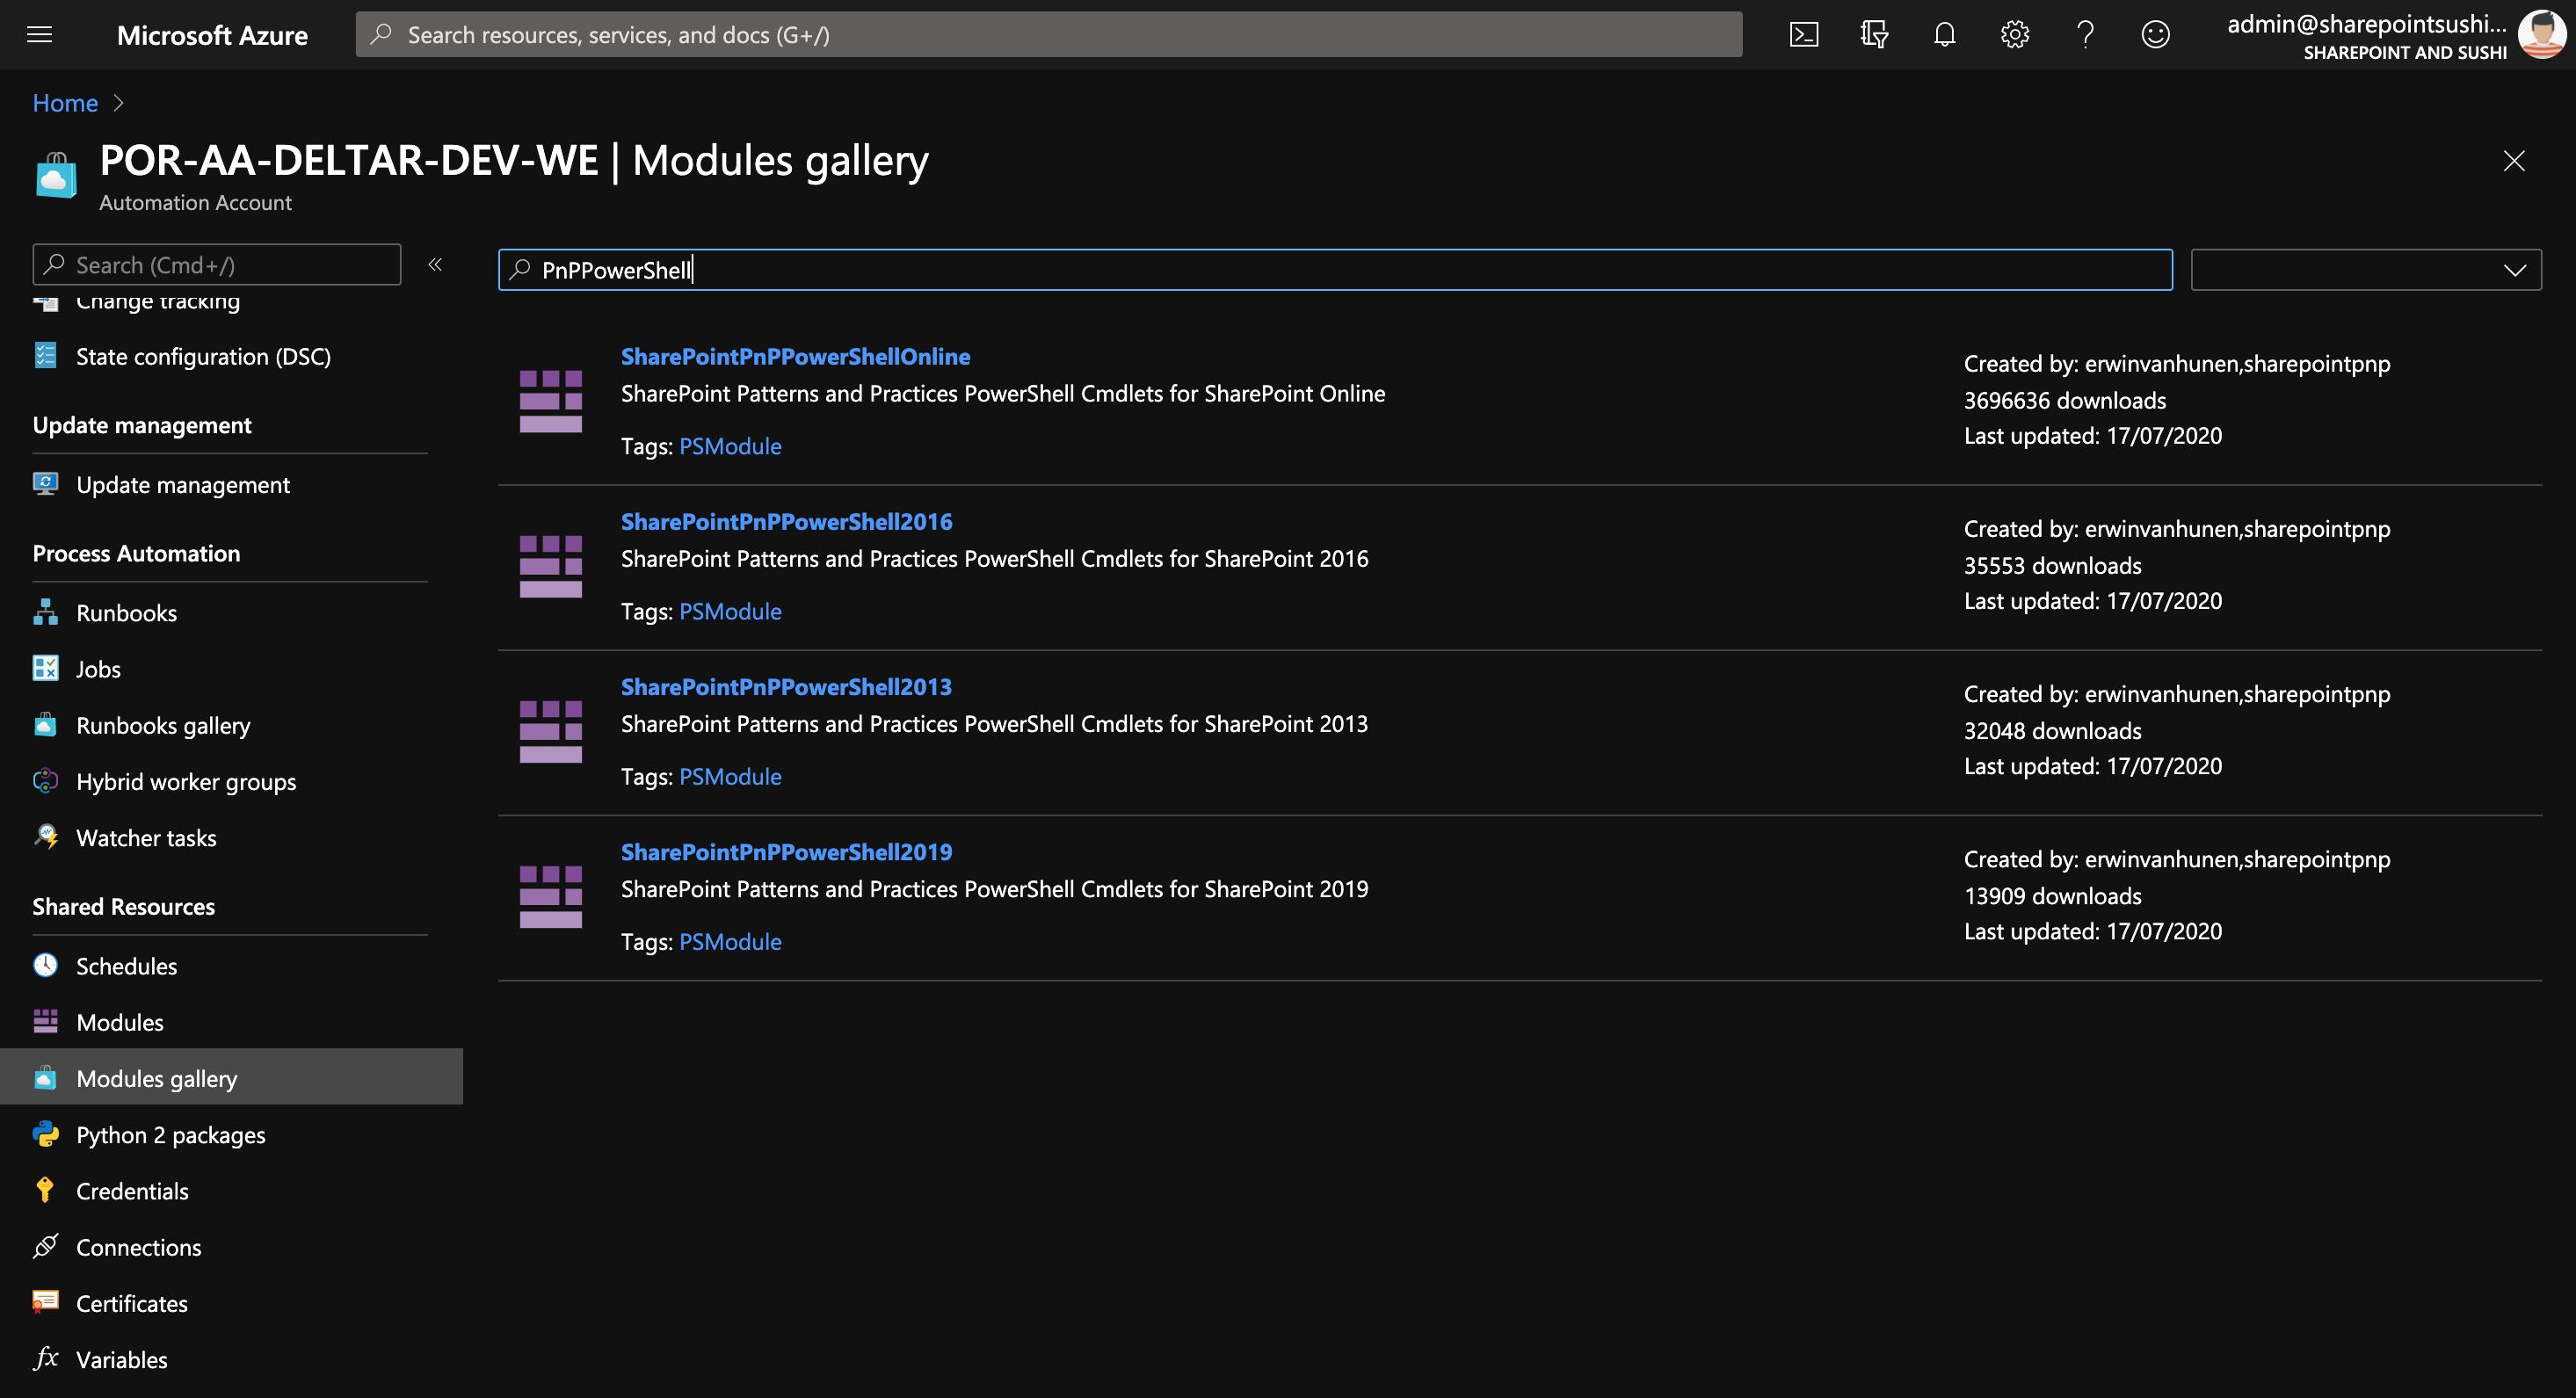 PnP Modules installeer je vanuit de Modules Gallery